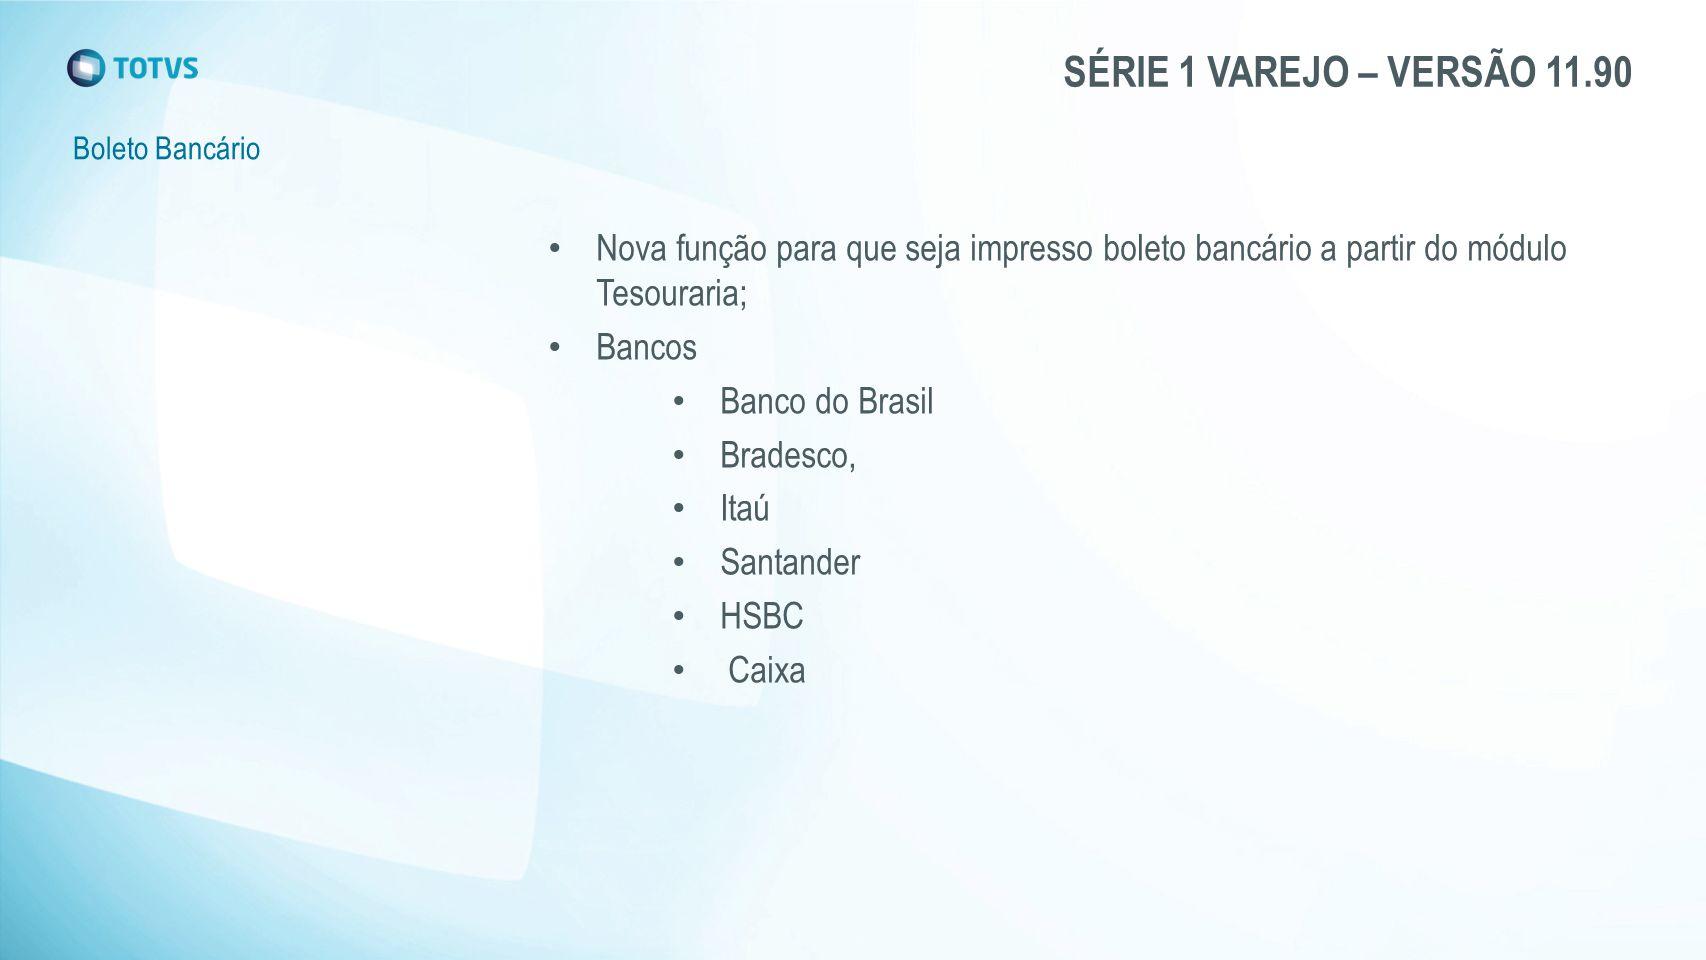 SÉRIE 1 VAREJO – VERSÃO 11.90 Boleto Bancário Nova função para que seja impresso boleto bancário a partir do módulo Tesouraria; Bancos Banco do Brasil Bradesco, Itaú Santander HSBC Caixa